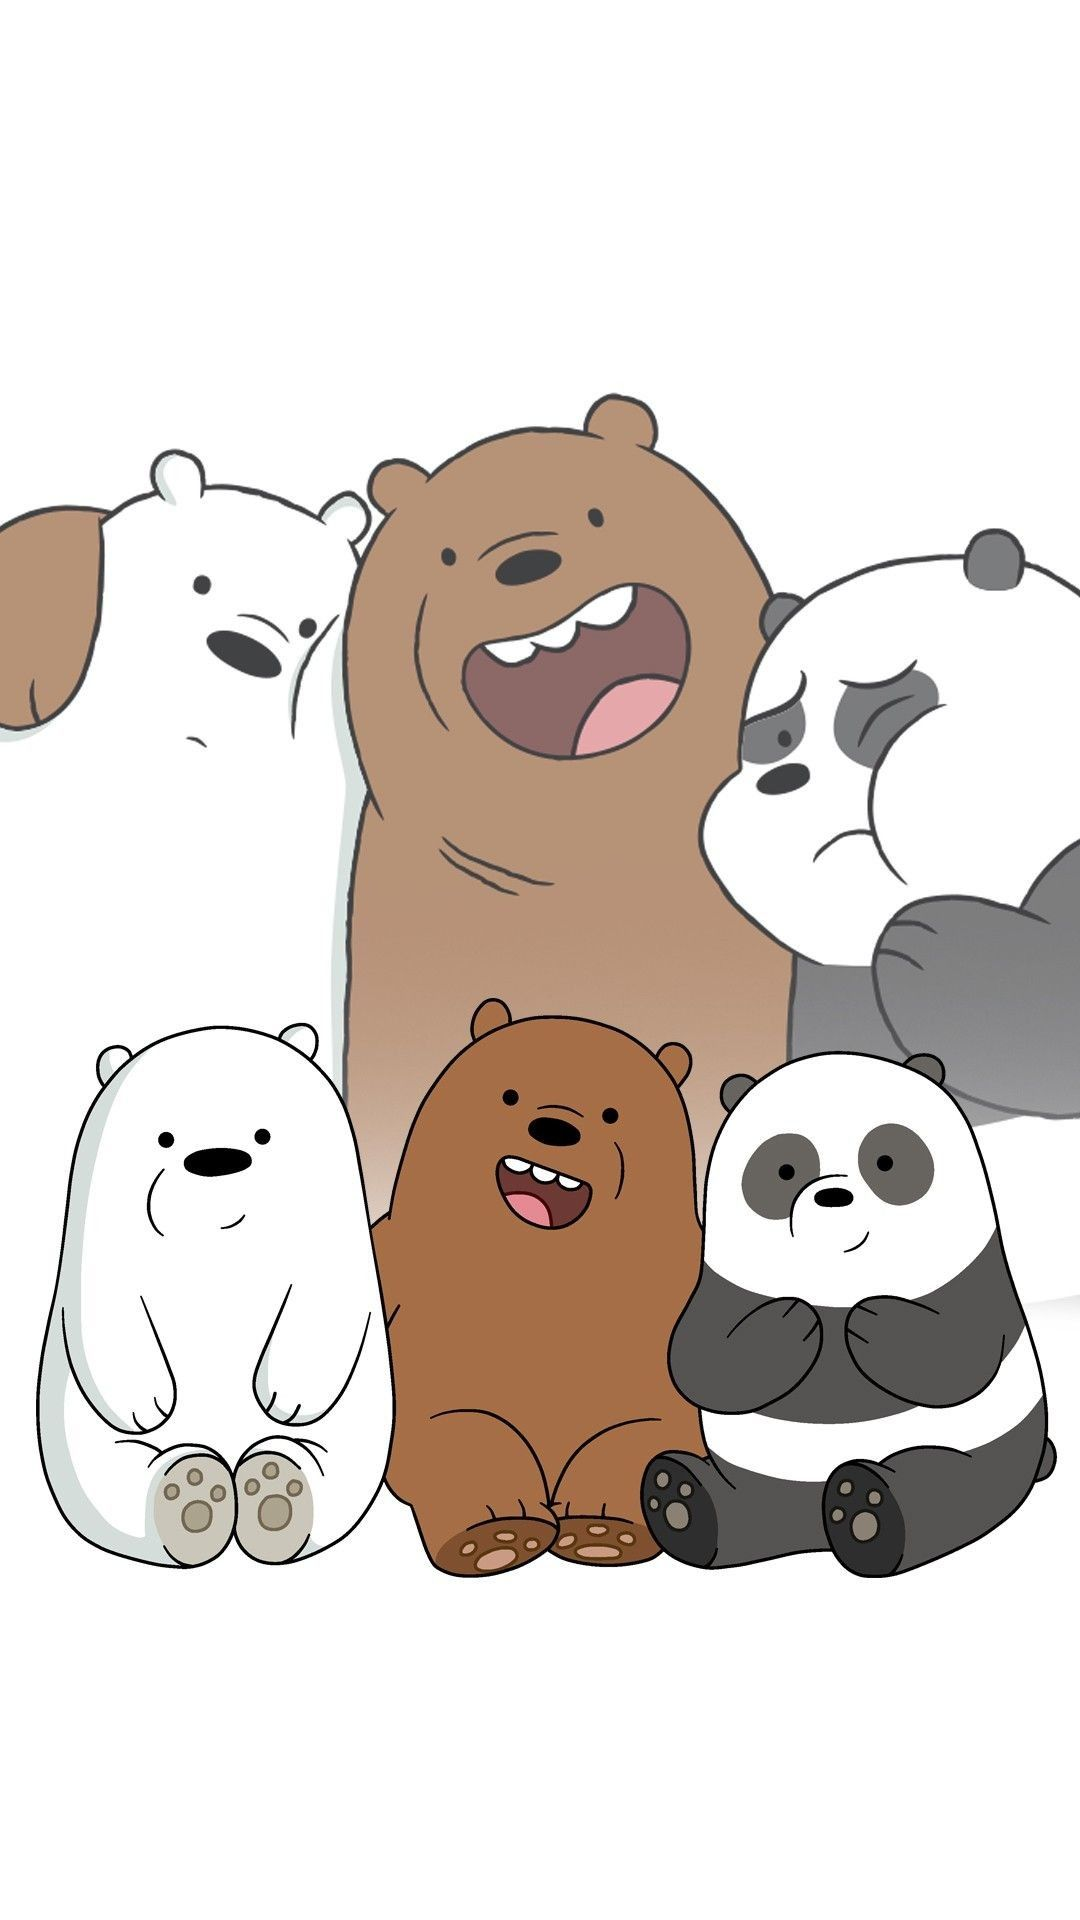 1080x1920 We Bare Bears Wallpaper